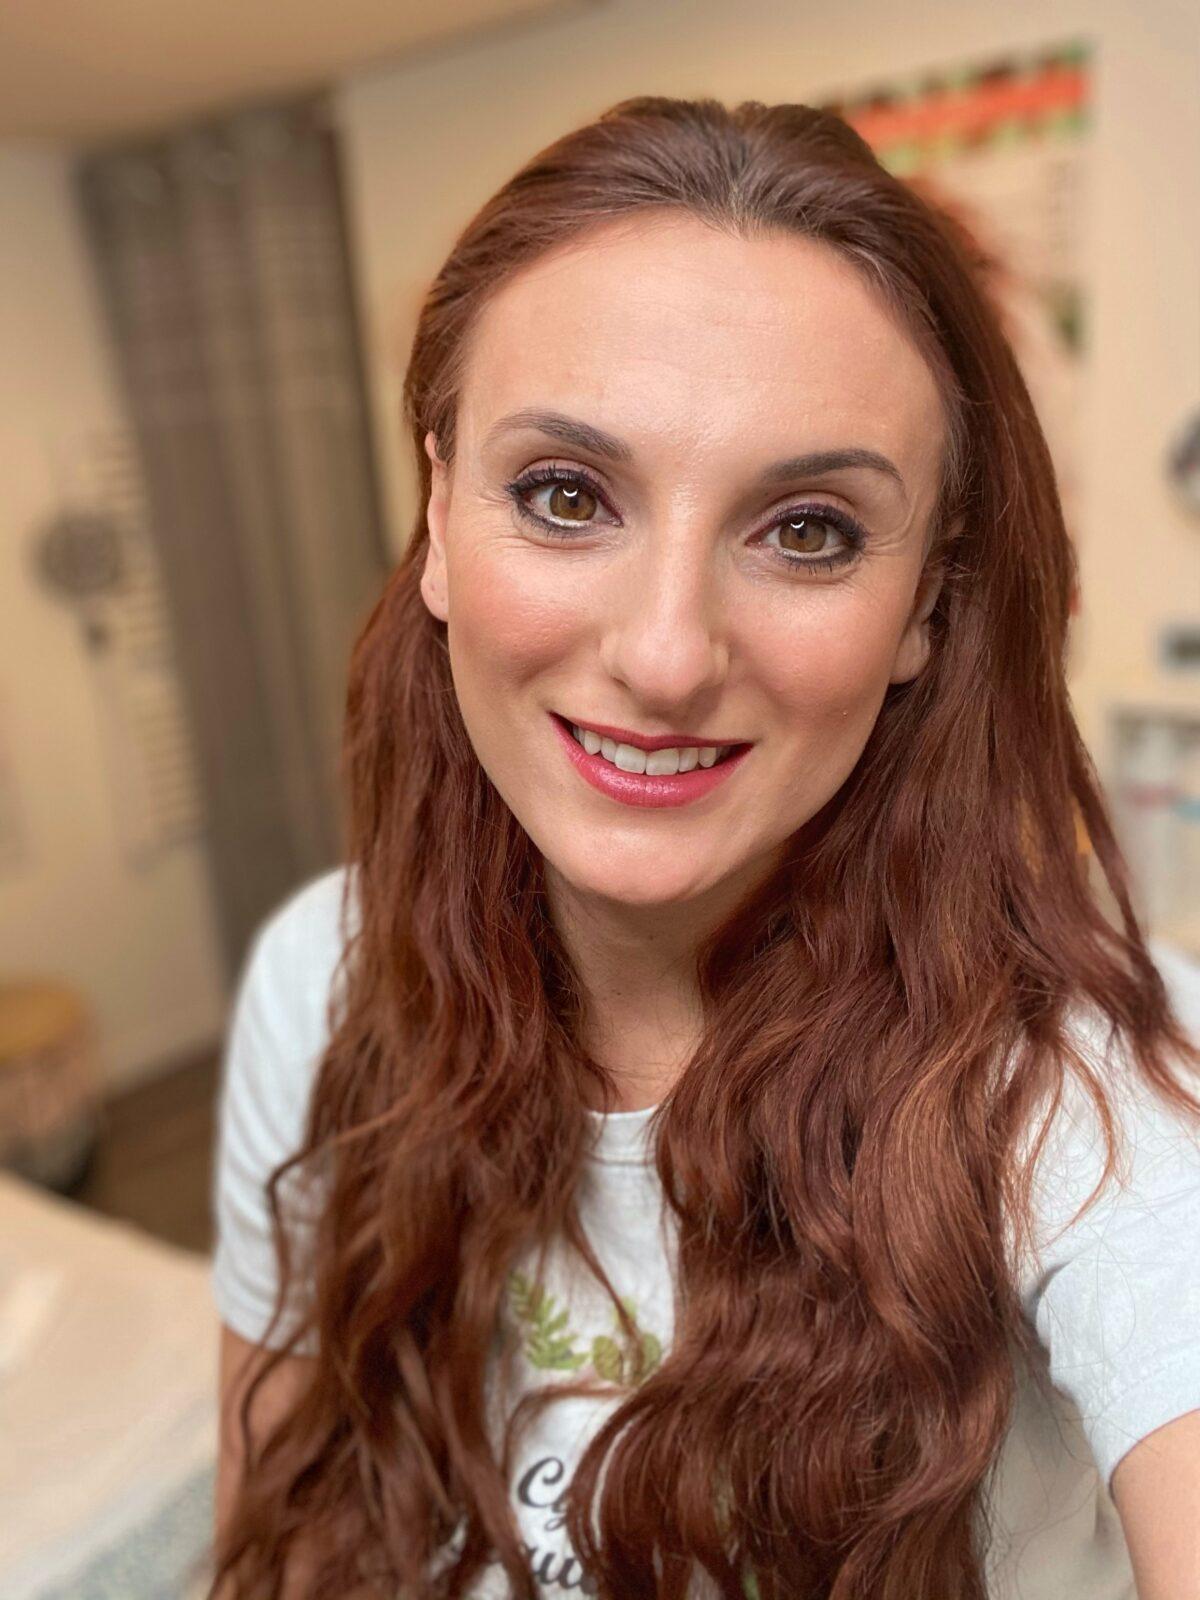 Cynthia - gérante du salon Cy beauty - pratique le drainage lymphatique méthode Renata França